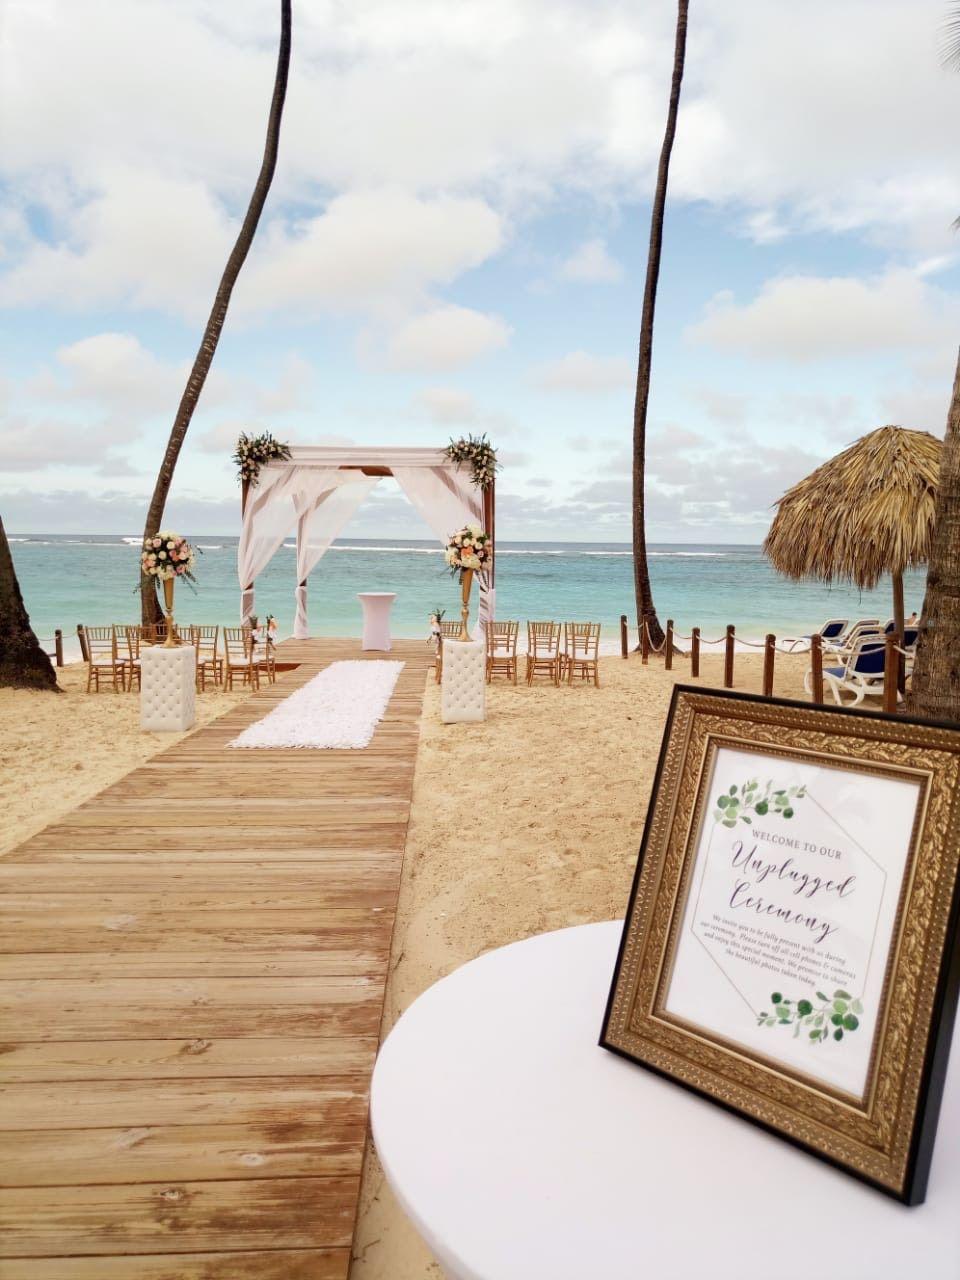 Beach Gazebo Ceremony At Royalton Punta Cana Gazebo Wedding Royalton Punta Cana Resorts Royalton Punta Cana